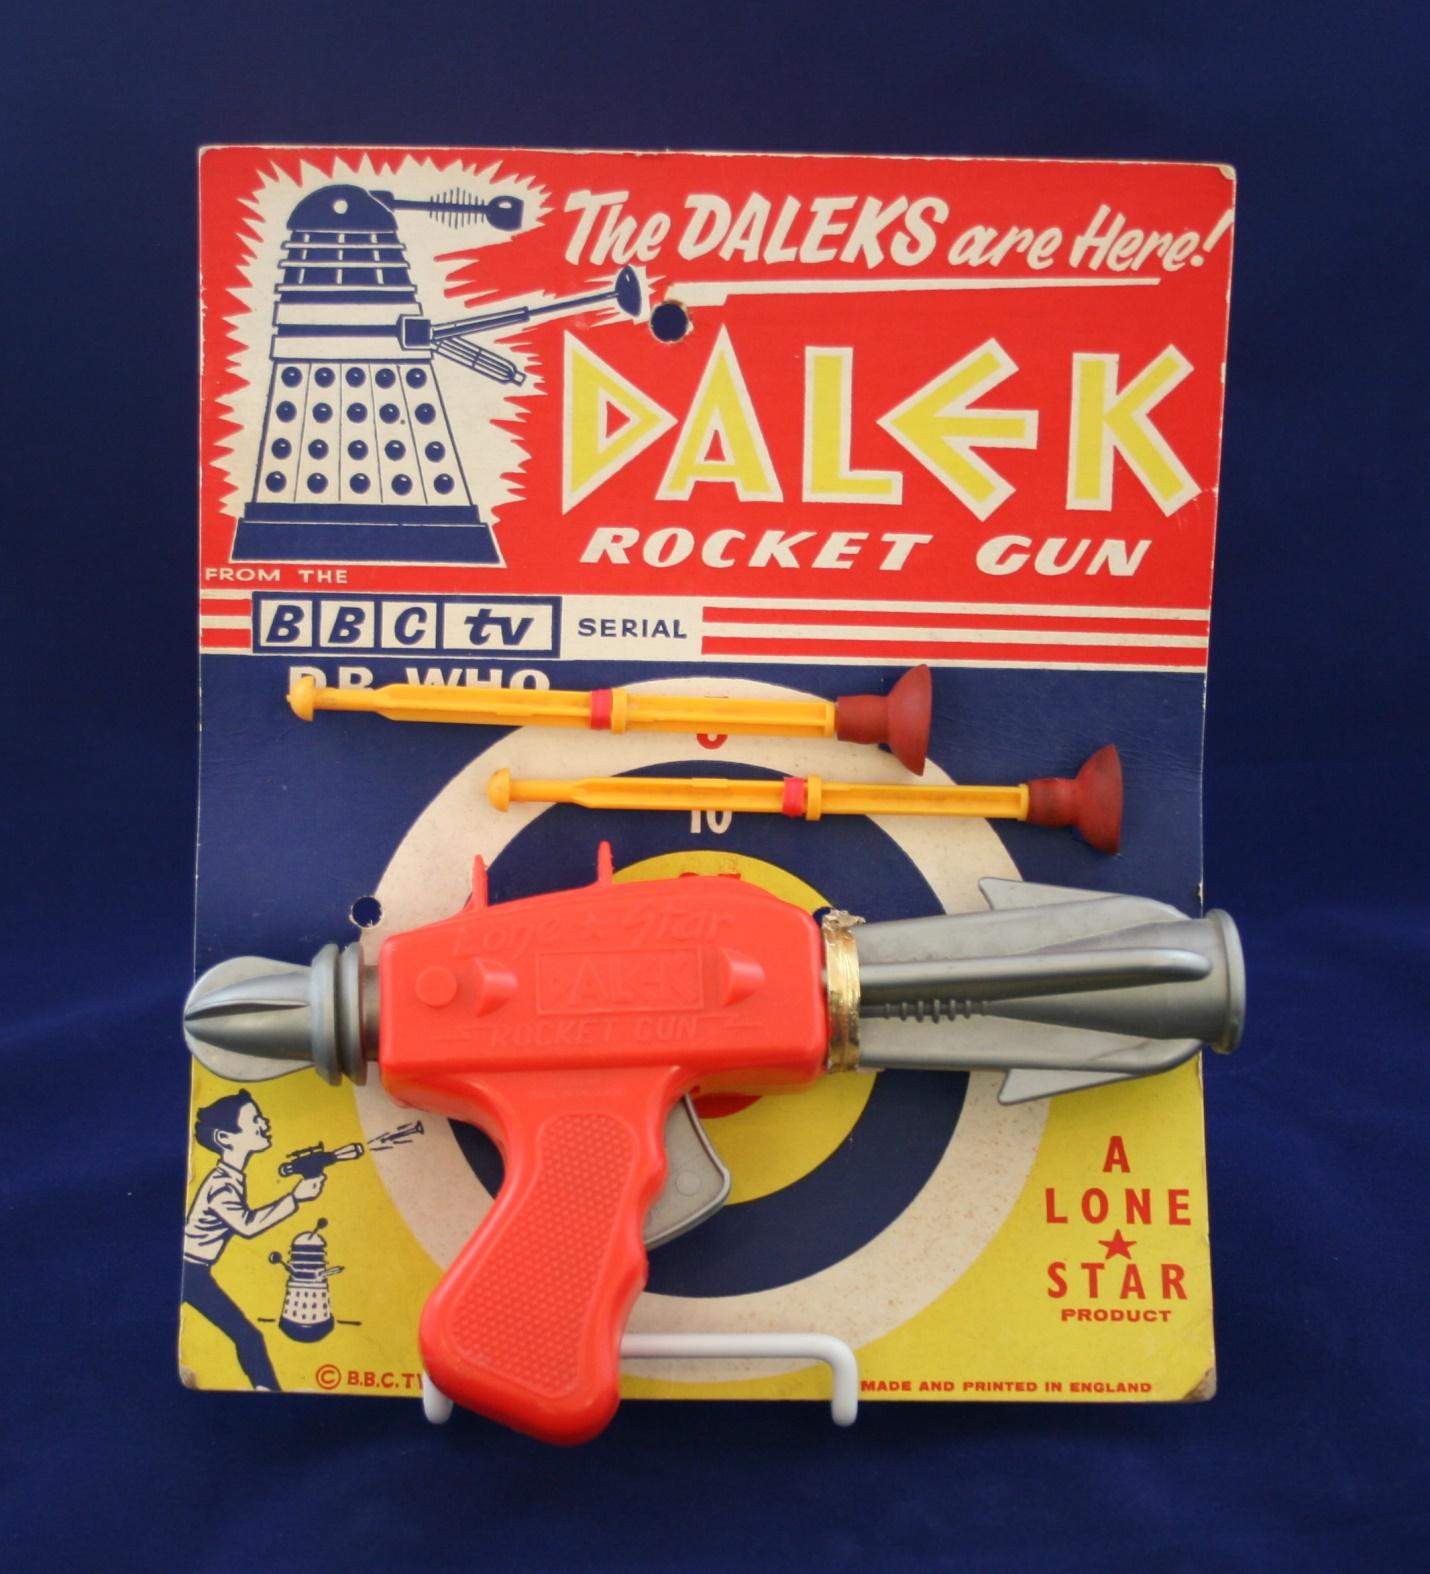 Lone Star Products Ltd., Dalek Rocket Gun